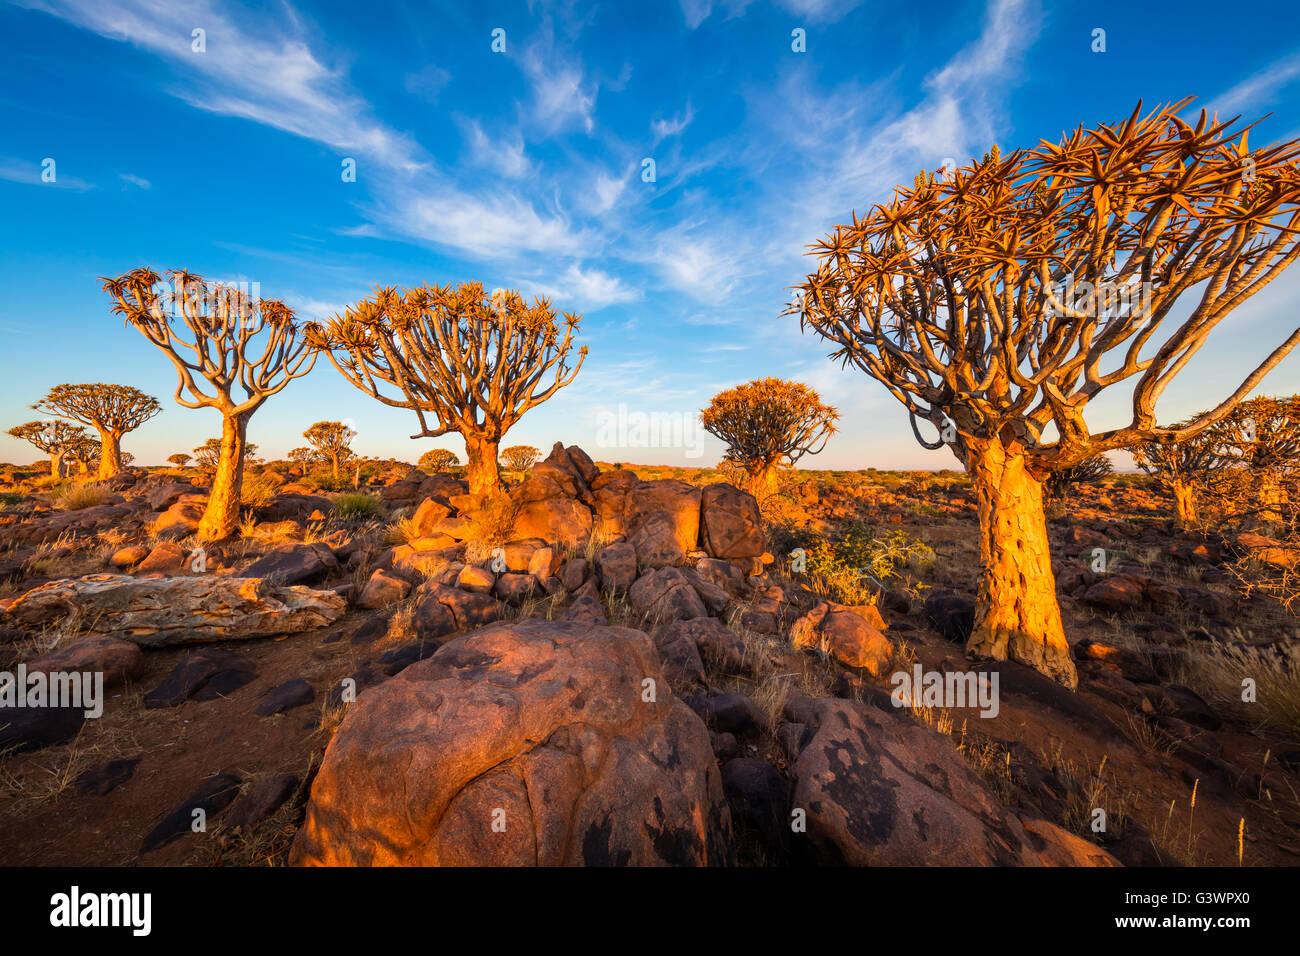 El carcaj Tree Forest (Kocurboom establecería en afrikaans) es un bosque y atracción turística del sur de Namibia. Foto de stock